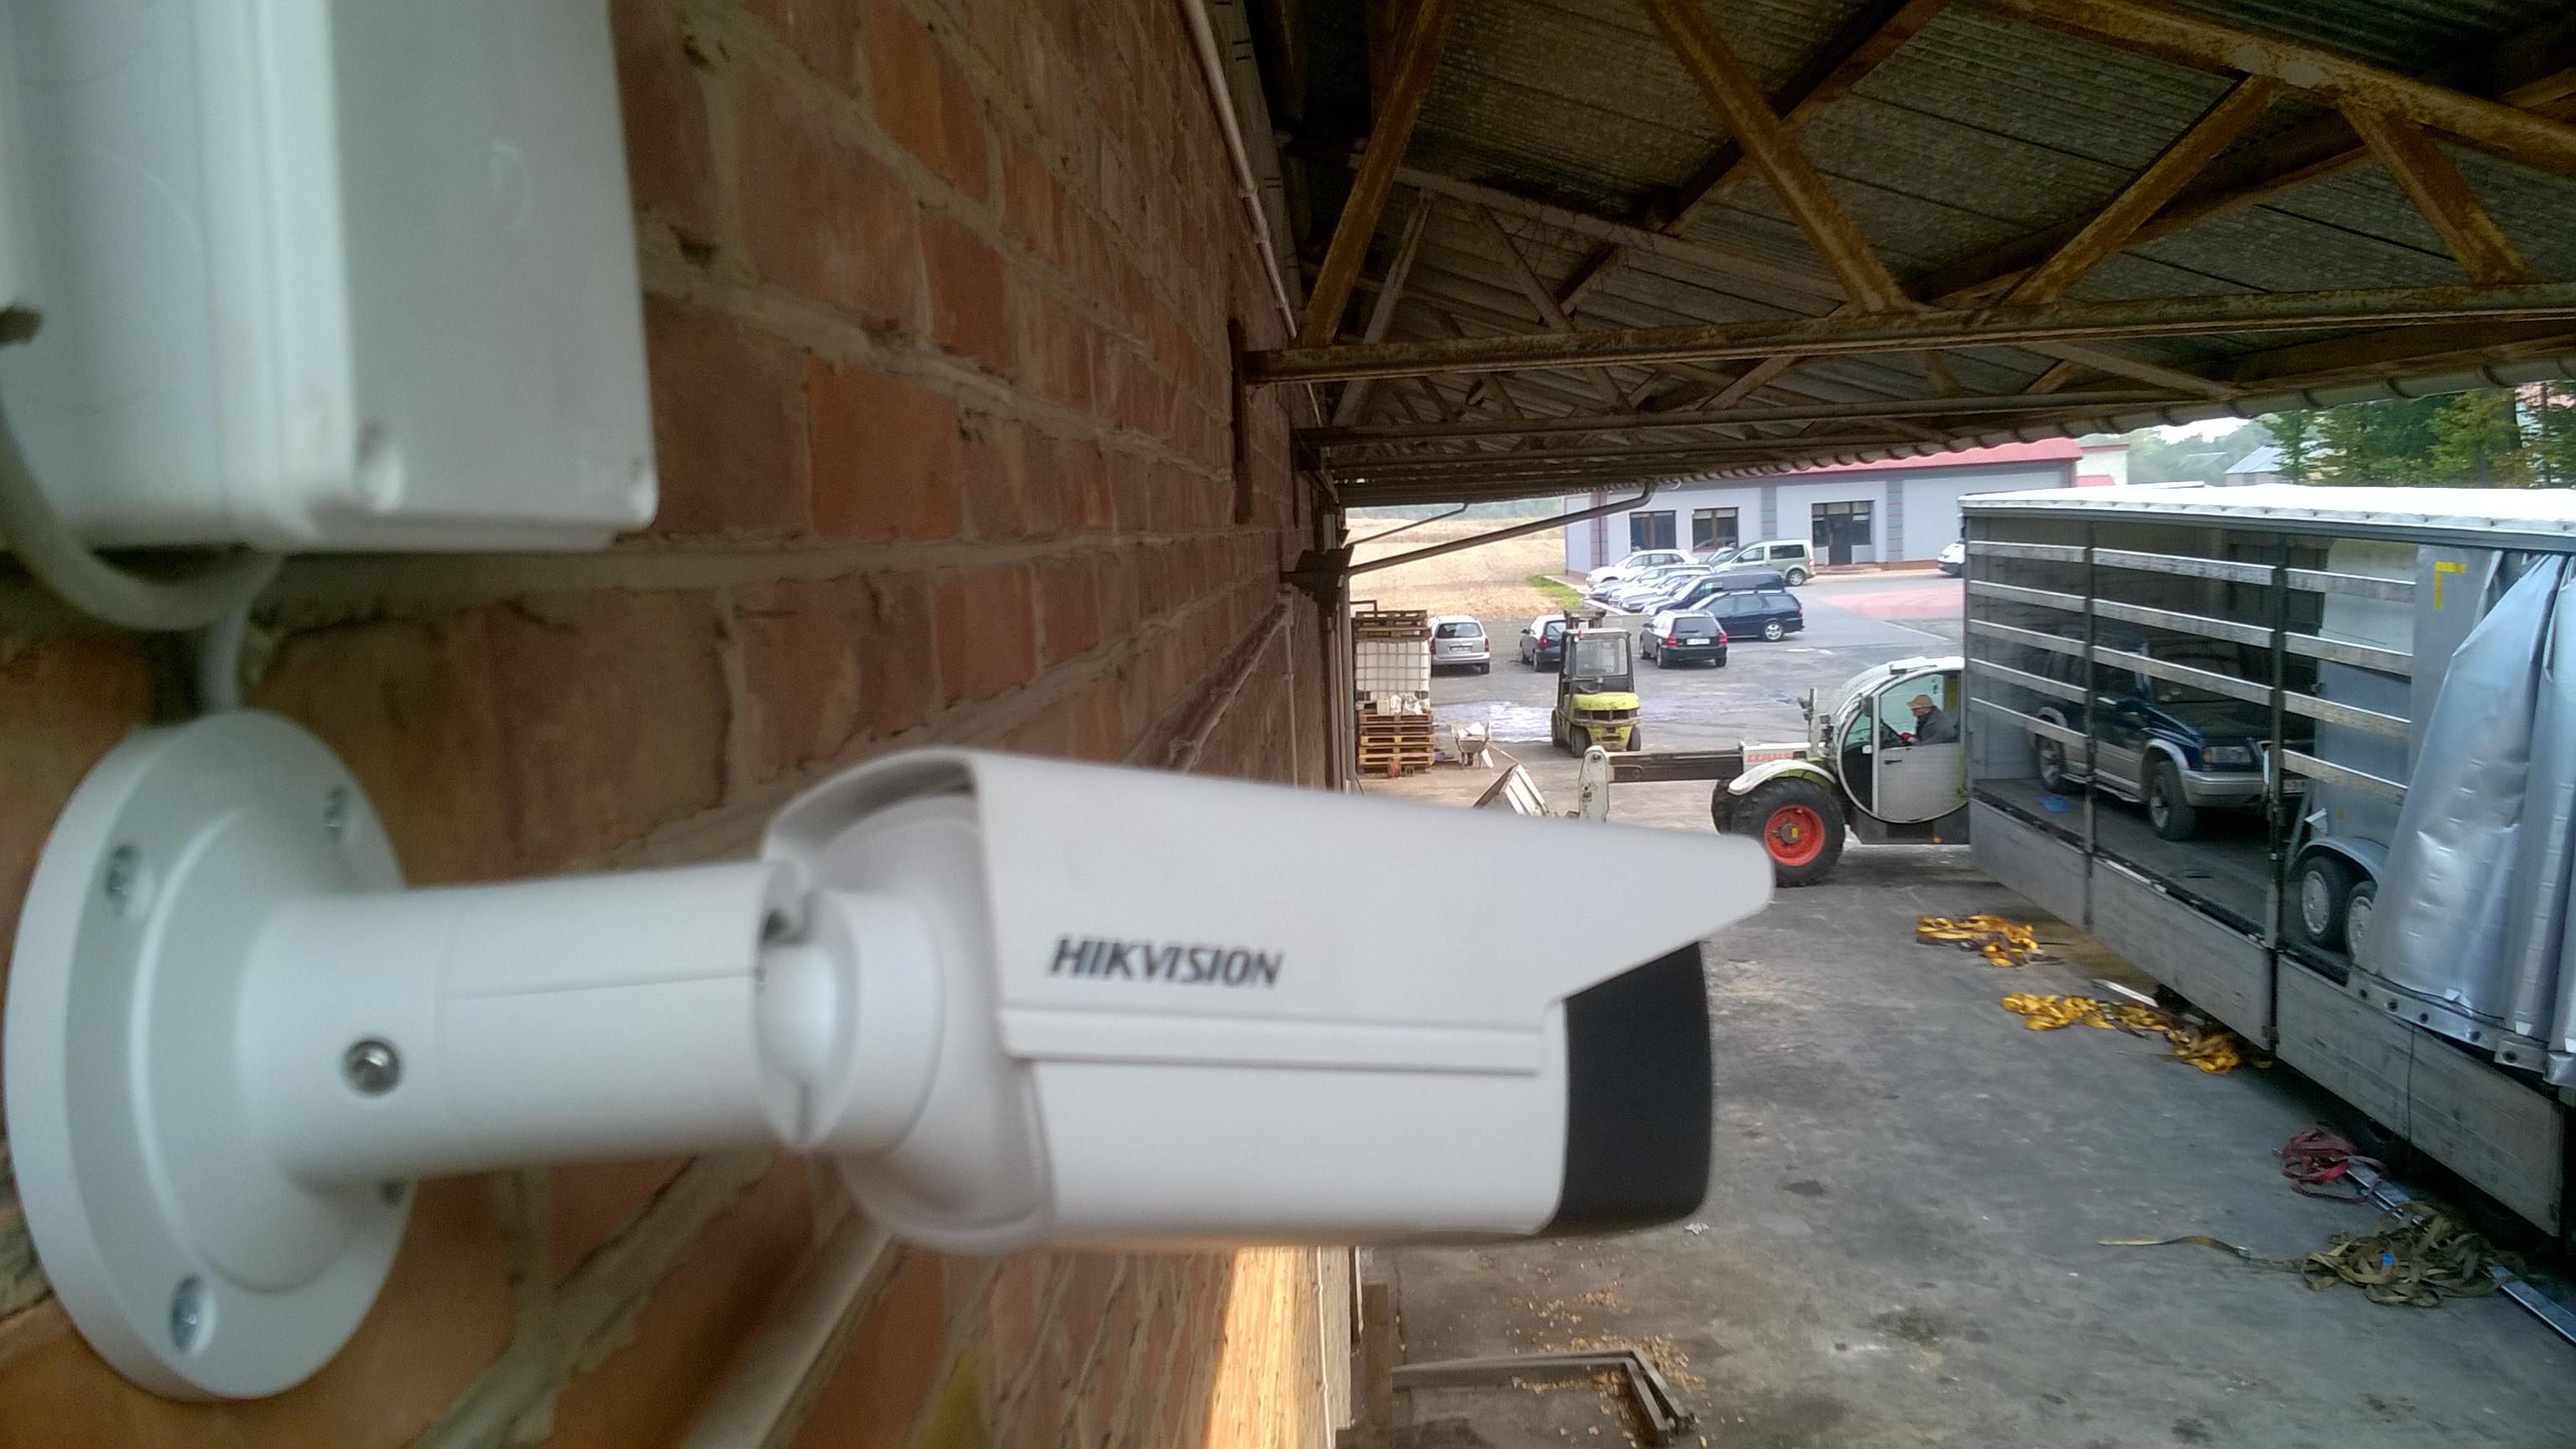 monitoring-bilgoraj-monitoring-zamosc-monitoring-krasnik-monitoring-janow-lubelski-monitoring-gospodarstwa-rolnego-monitoring-chelm-monitoring-lezajsk-32-infomech-monitoring-wizyjny-systemy-zabezpie